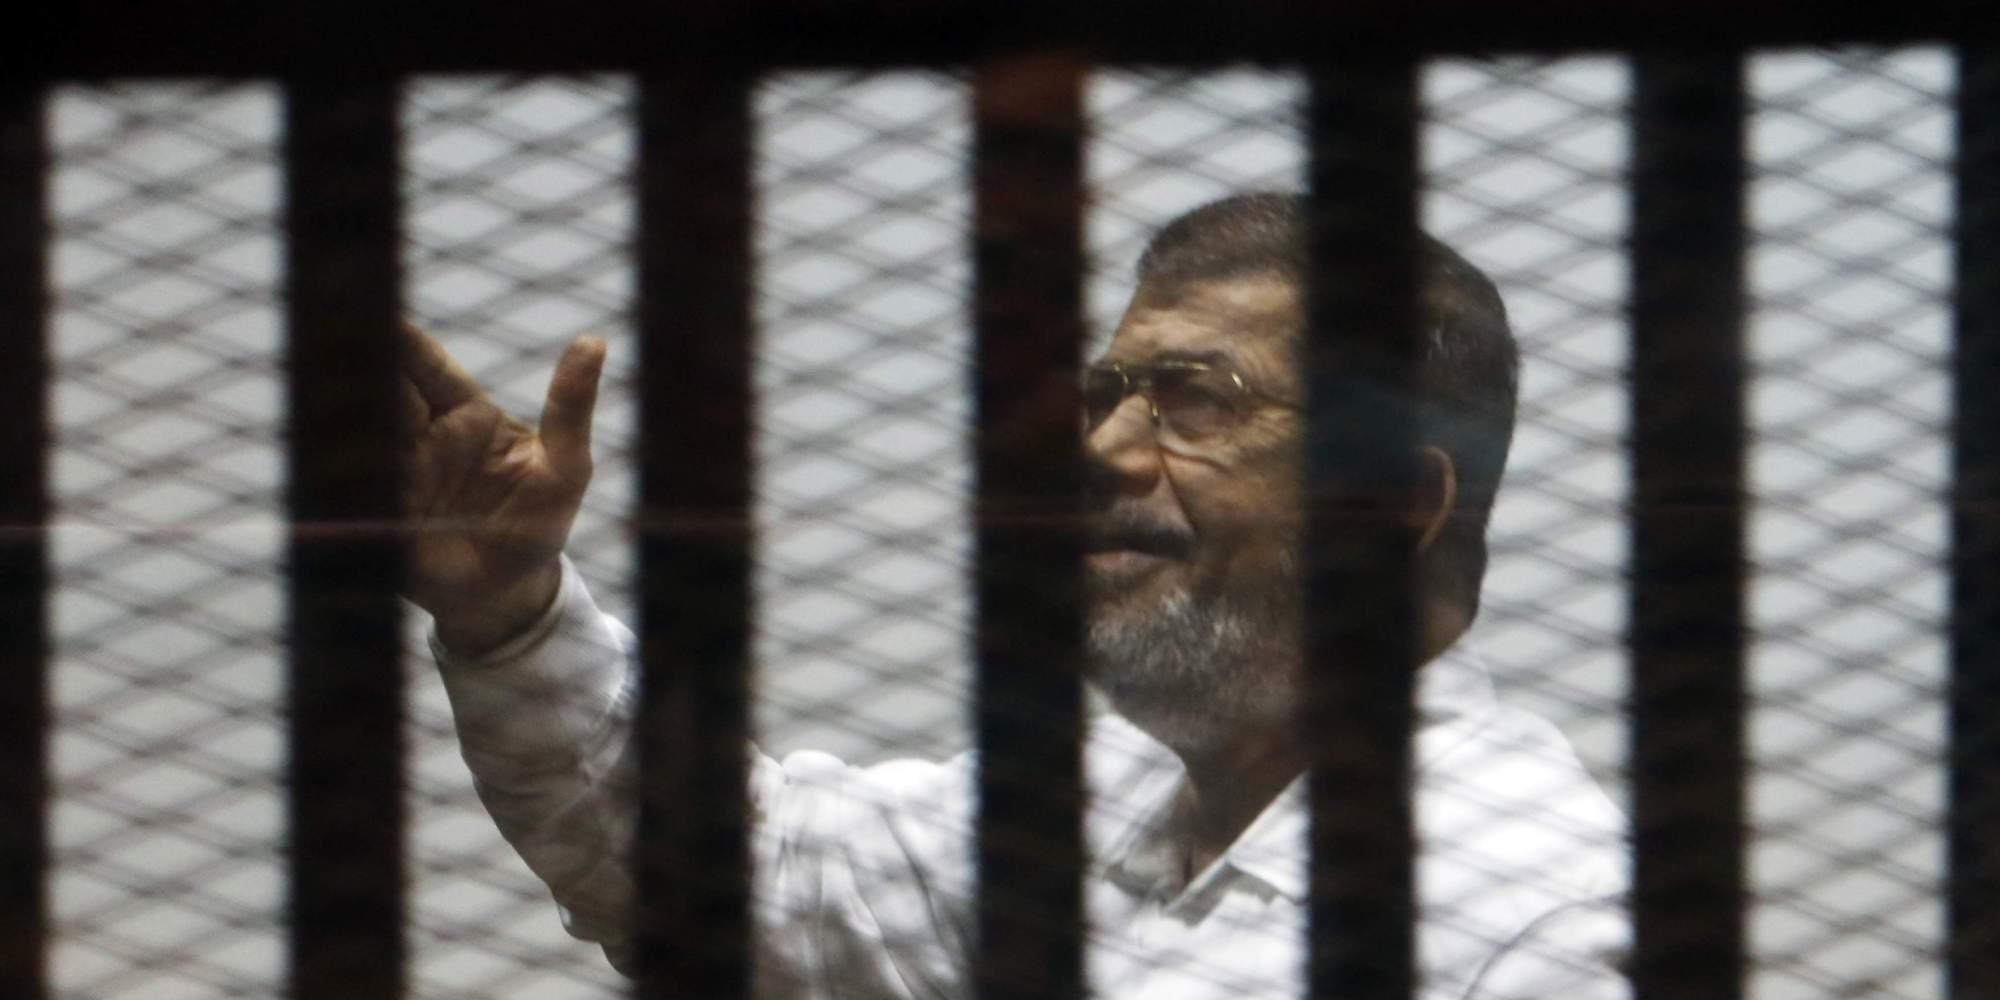 أنا رئيس الجمهورية وأرفض محاكمتي .. هكذا ردَّ مرسي أمام القاضي الذي يحاكمه